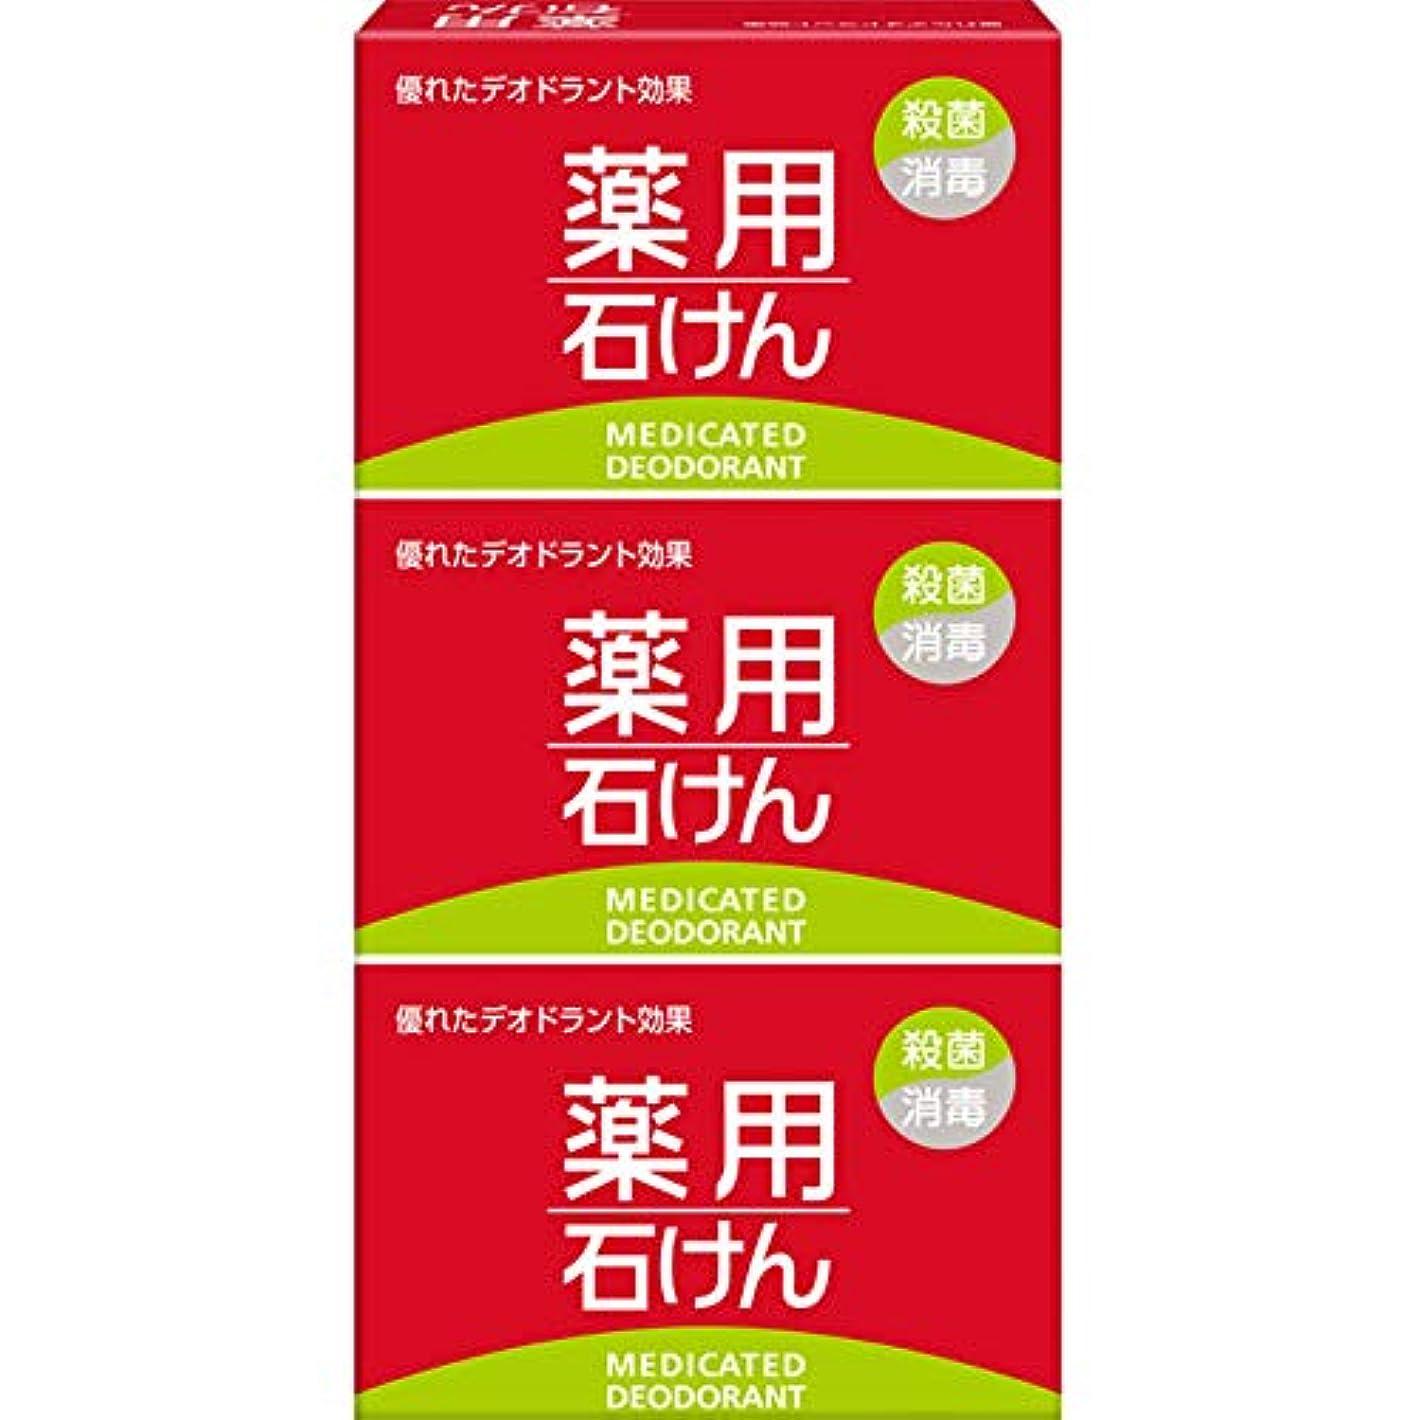 サーカス精神的に朝薬用石けん 100g×3個 (医薬部外品)